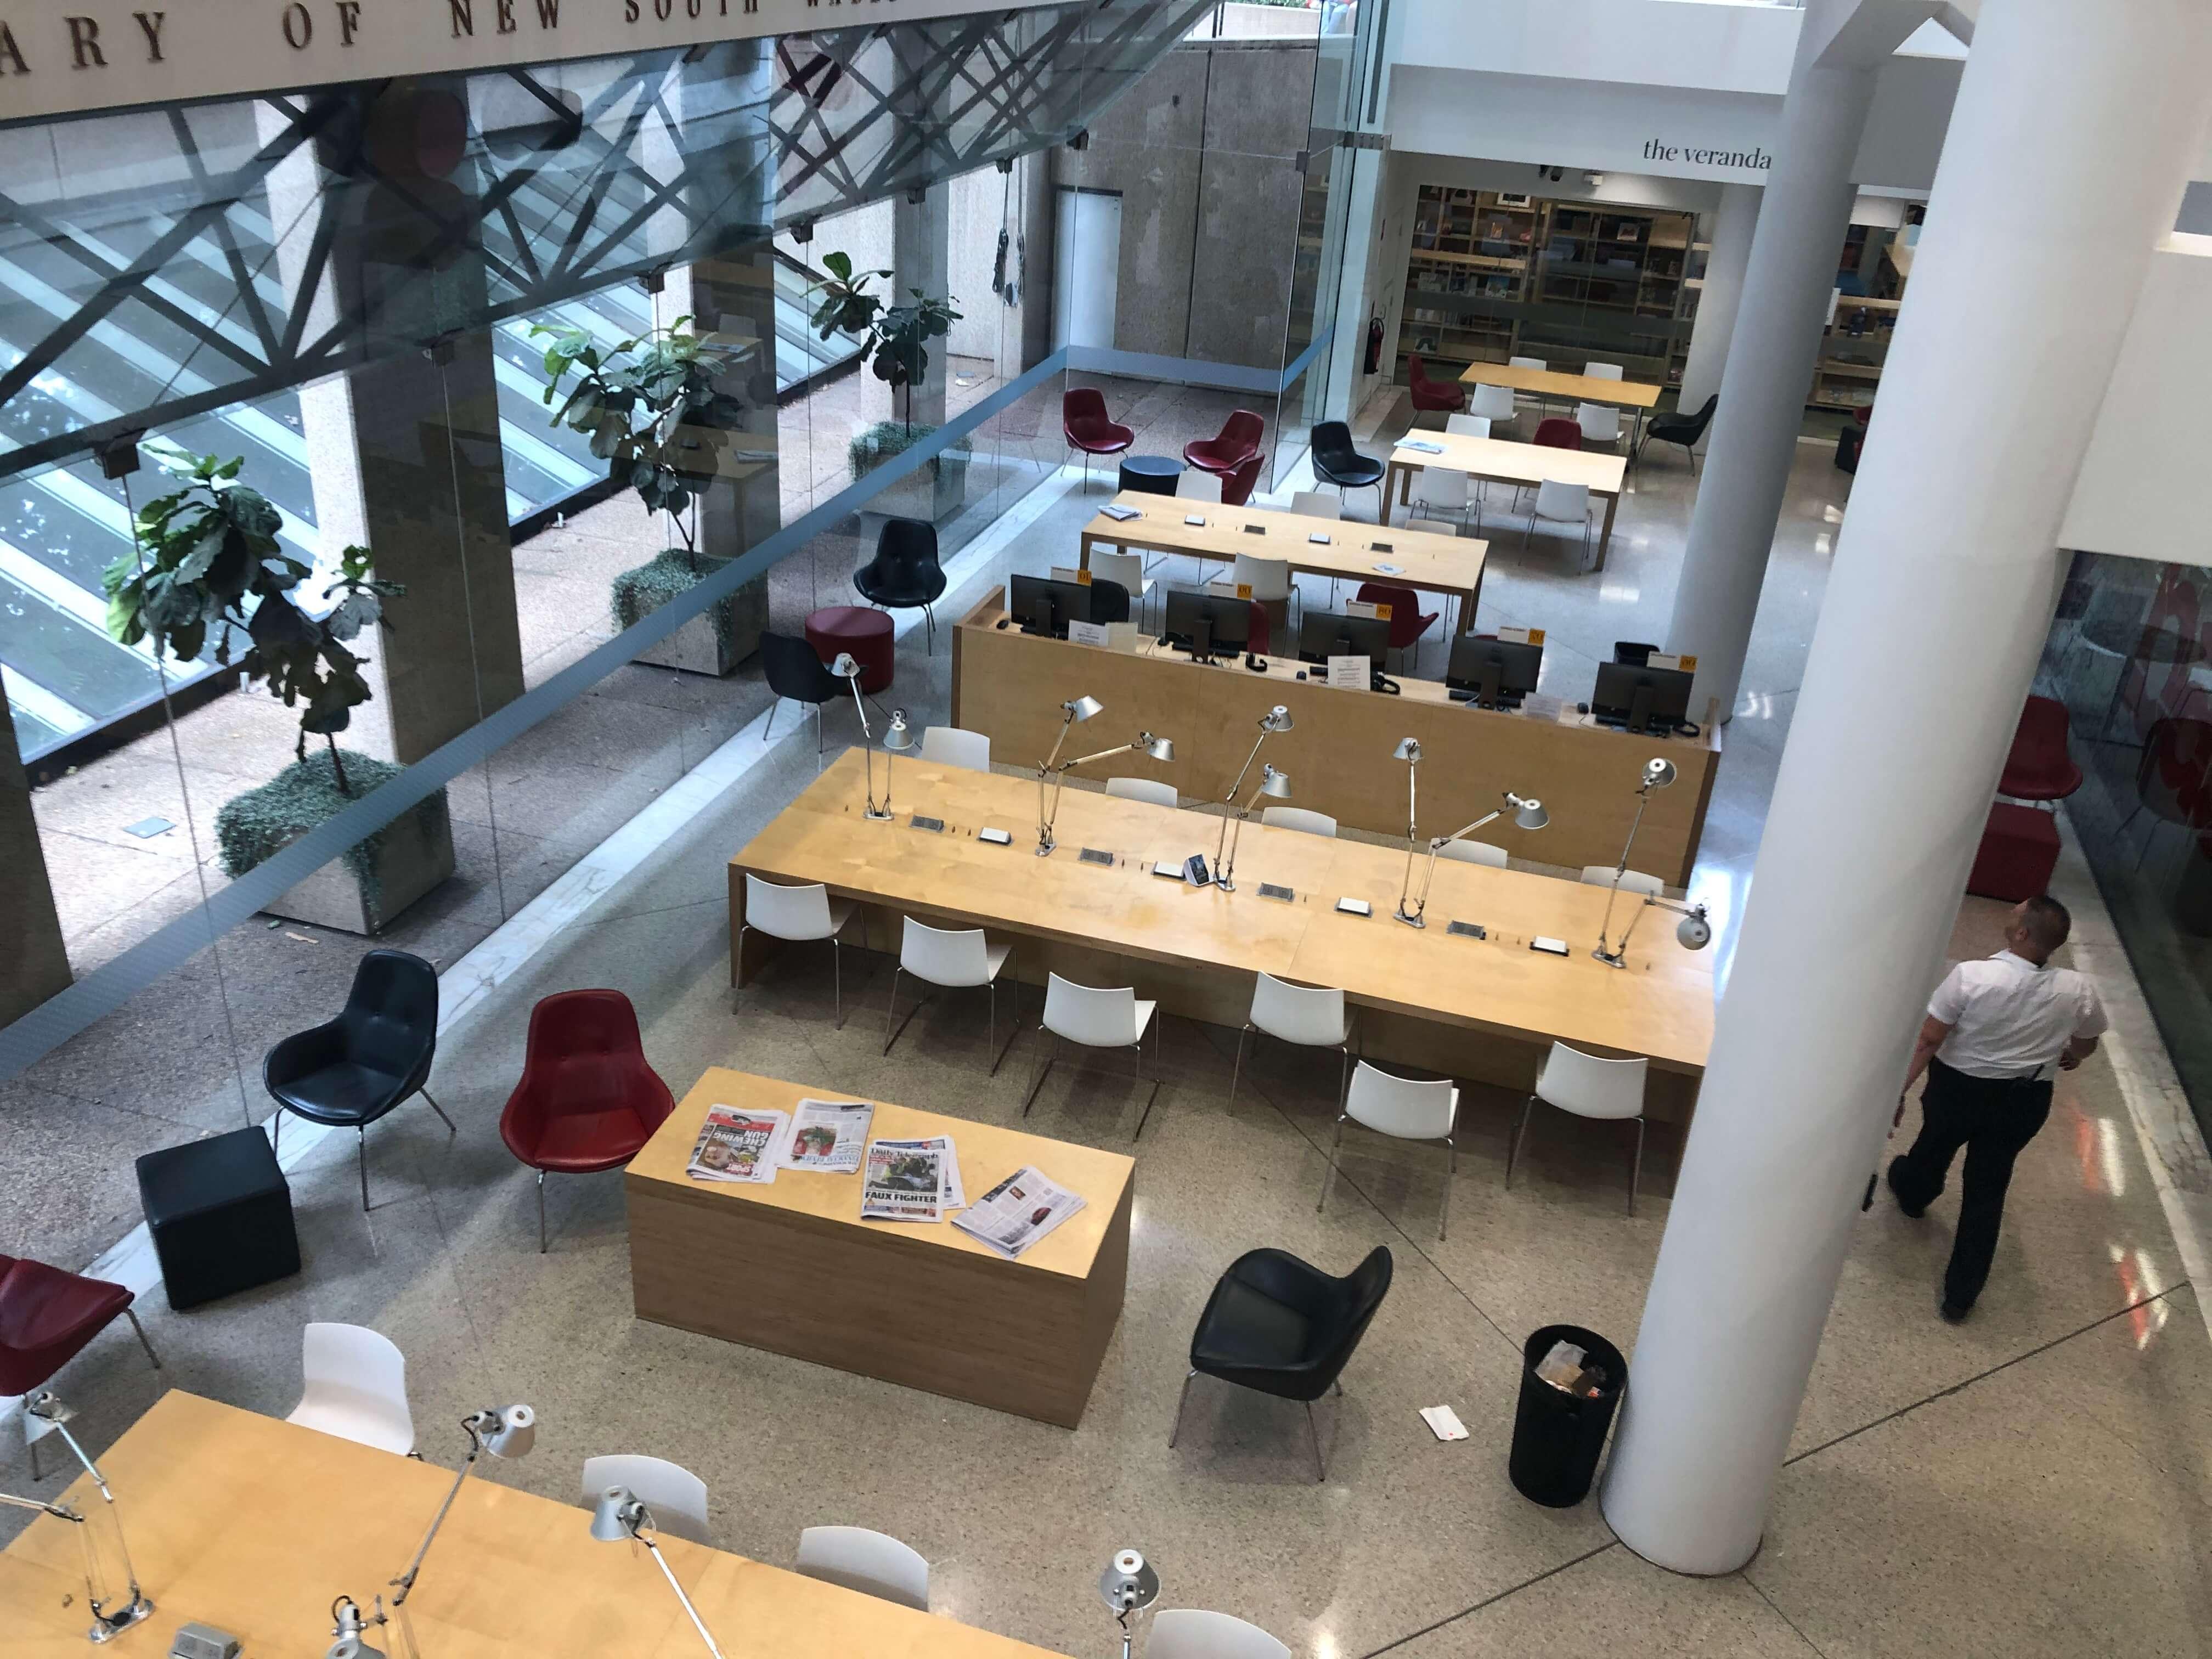 シドニー州立図書館の新館の飲食可能スペース